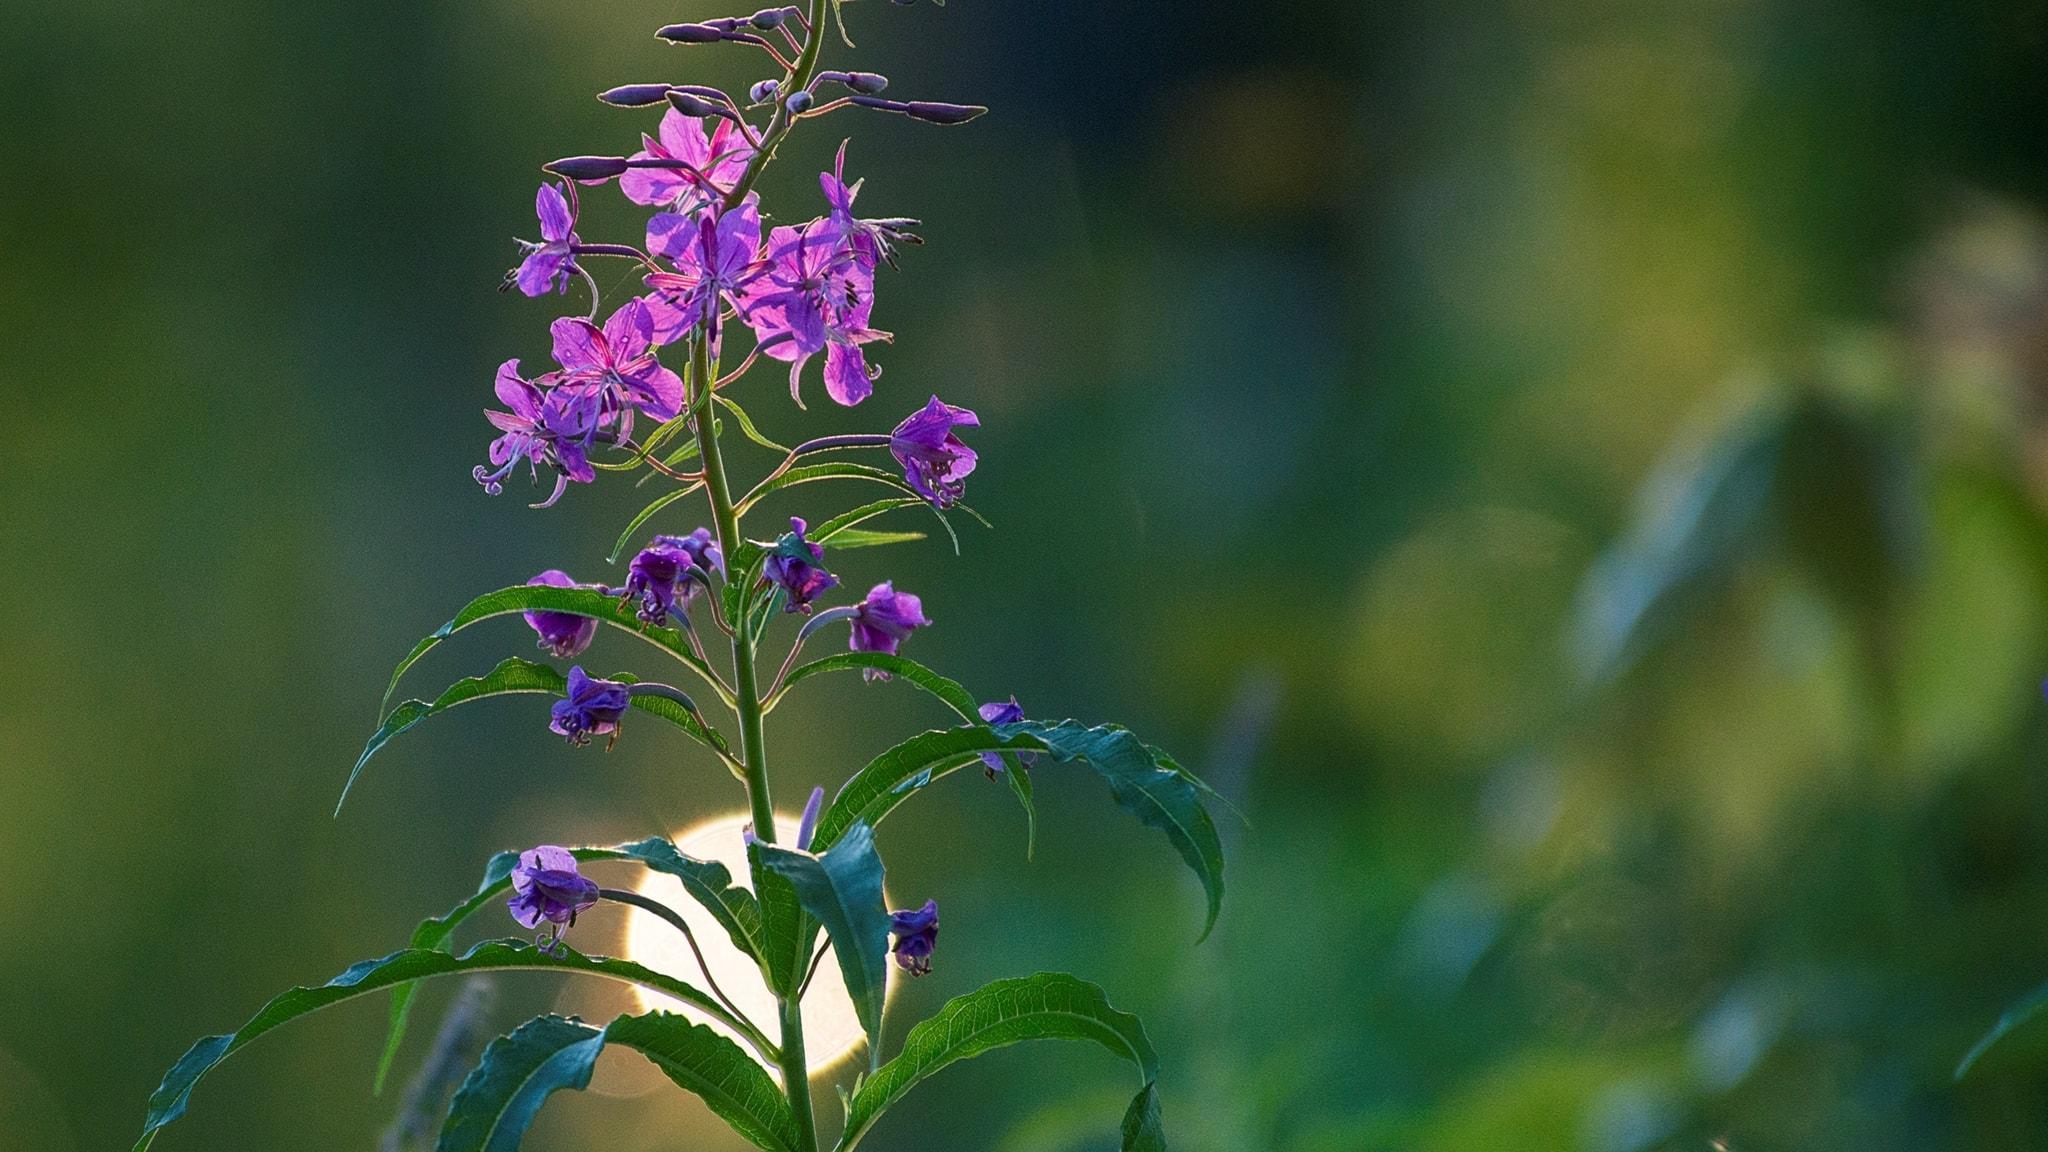 Berits blommor #9: Rallarros